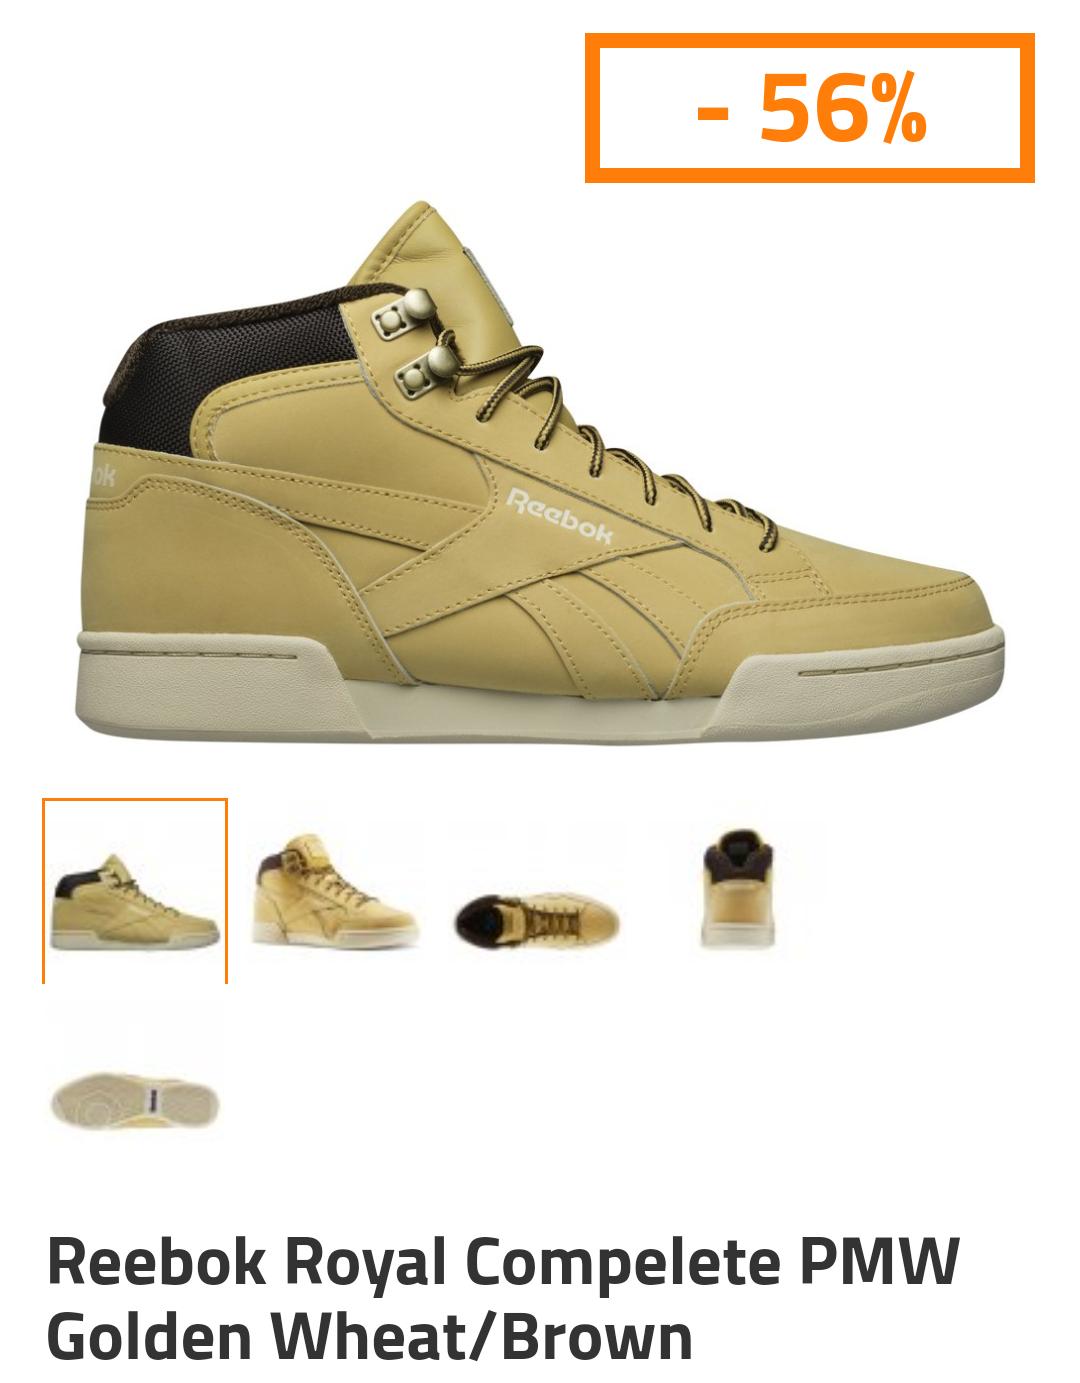 Reebok Royal Compelete PMW Golden Wheat/Brown @Sportowysklep.pl